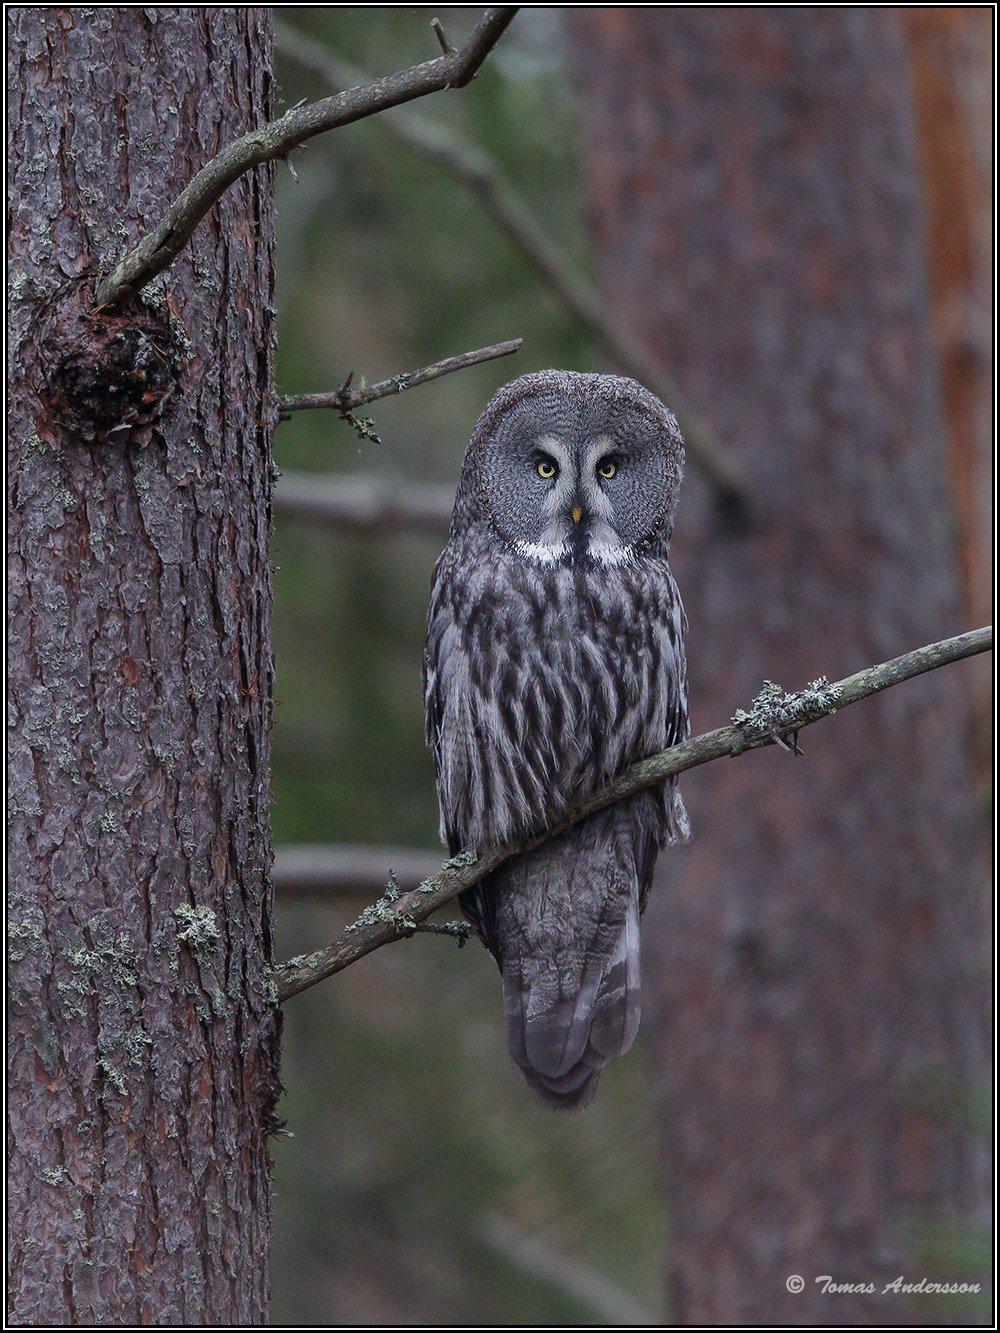 Красивые птицы Швеции на снимках Томаса Андерссона